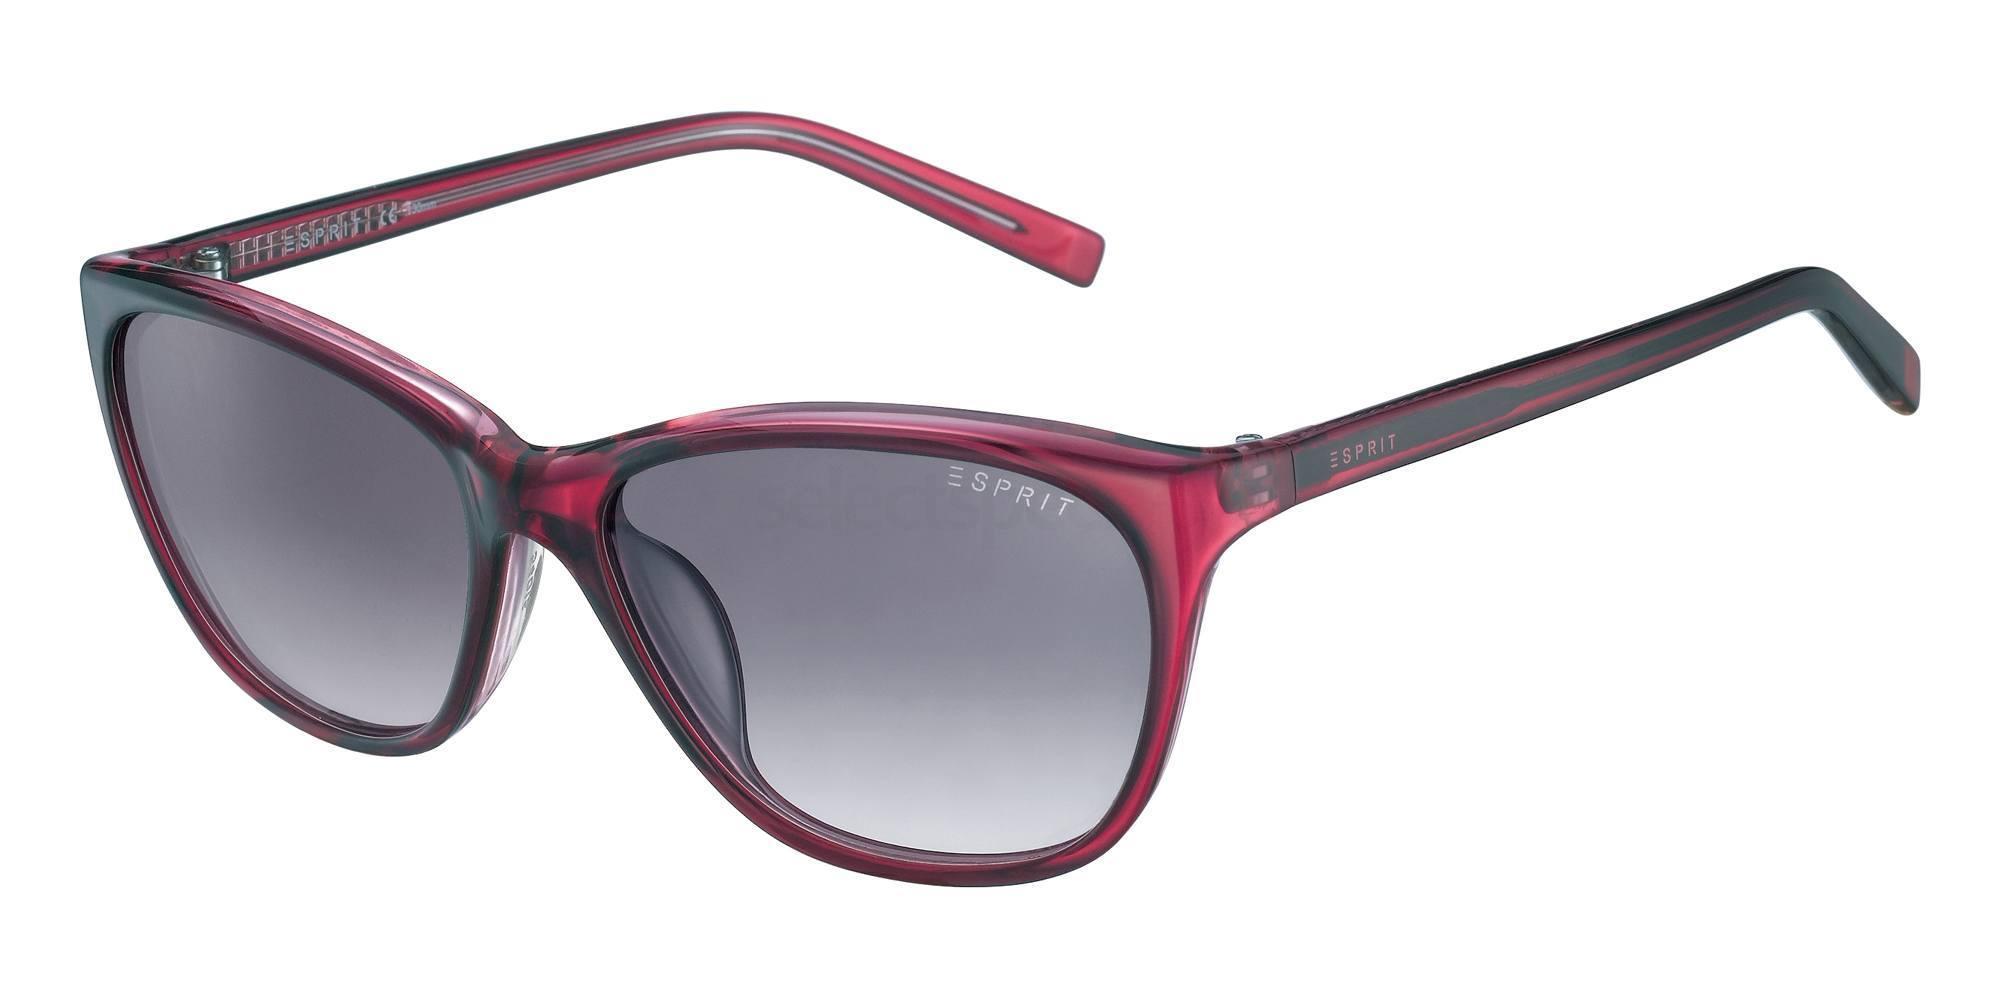 534 ET17850 Sunglasses, Esprit